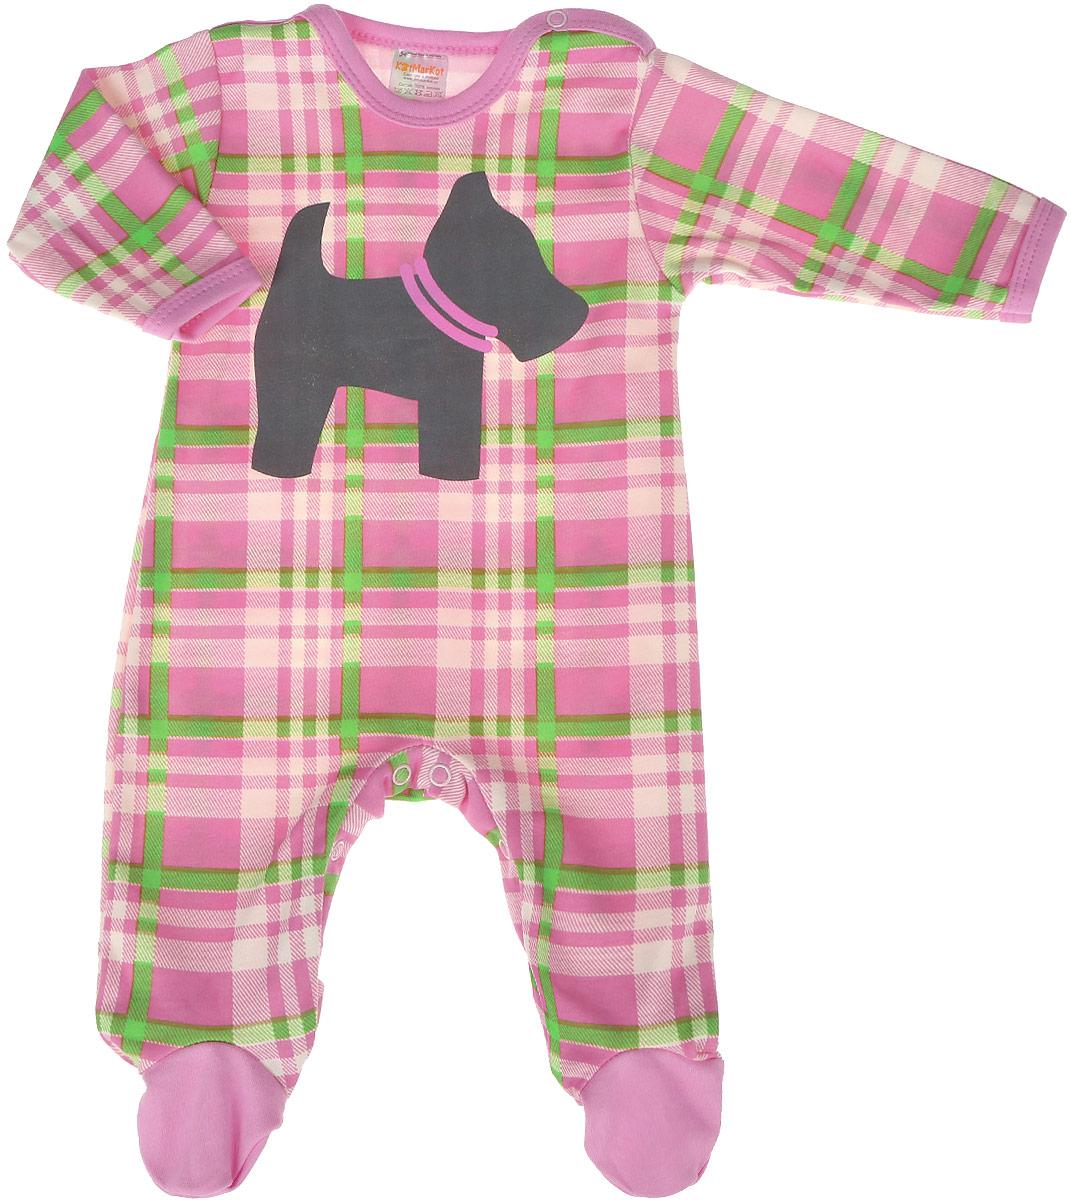 Комбинезон домашний для девочки КотМарКот, цвет: розовый. 6413. Размер 806413Комбинезон домашний для девочки КотМарКот выполнен из качественного материала. Модель с длинными рукавами застегивается на кнопки.